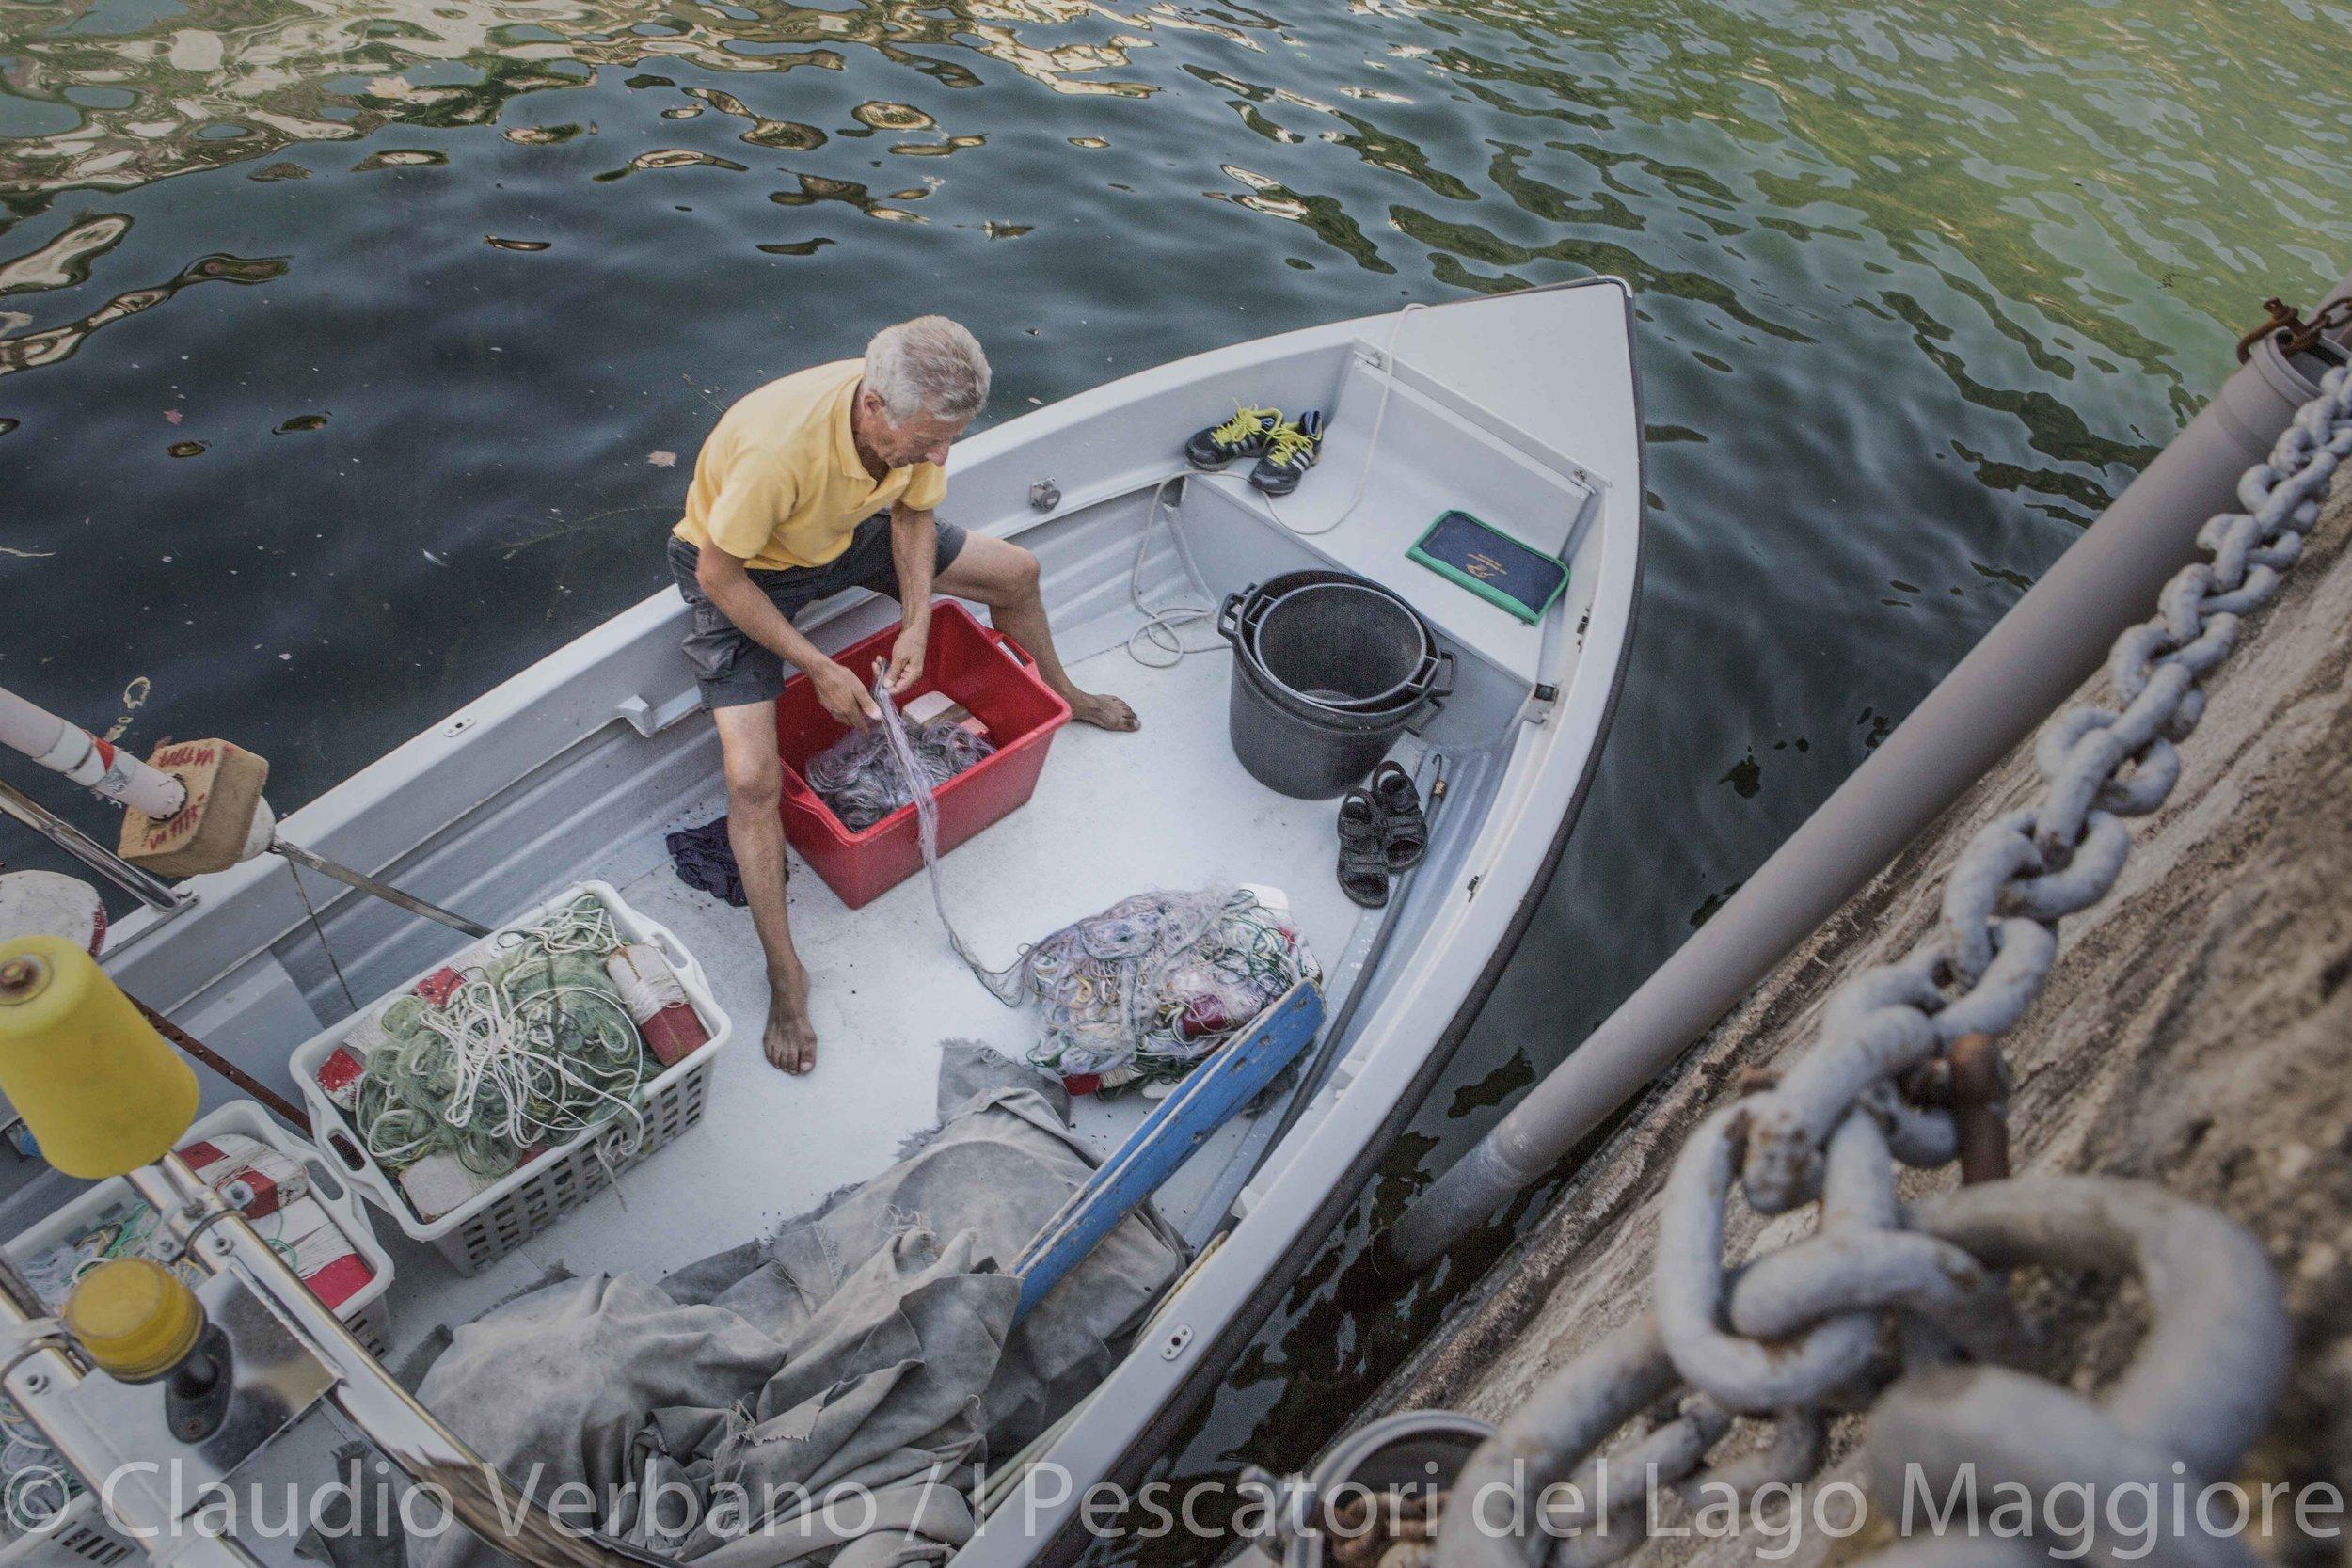 ClaudioVerbano_I Pescatori del Lago Maggiore_10.jpg